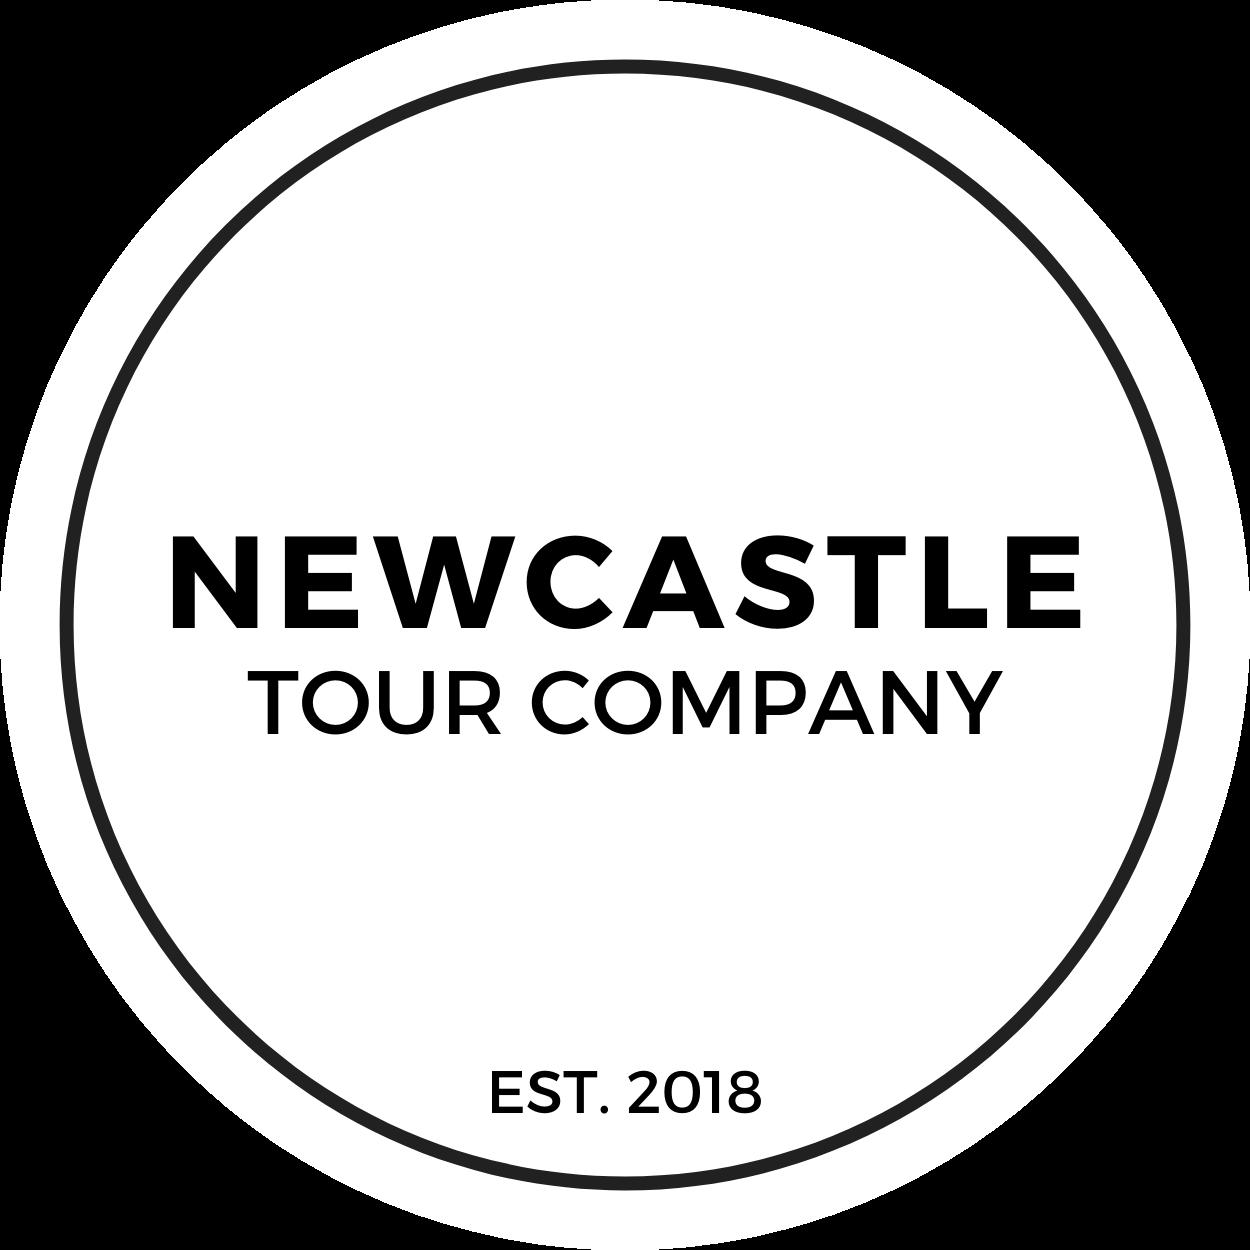 Newcastle Tour Company Logo